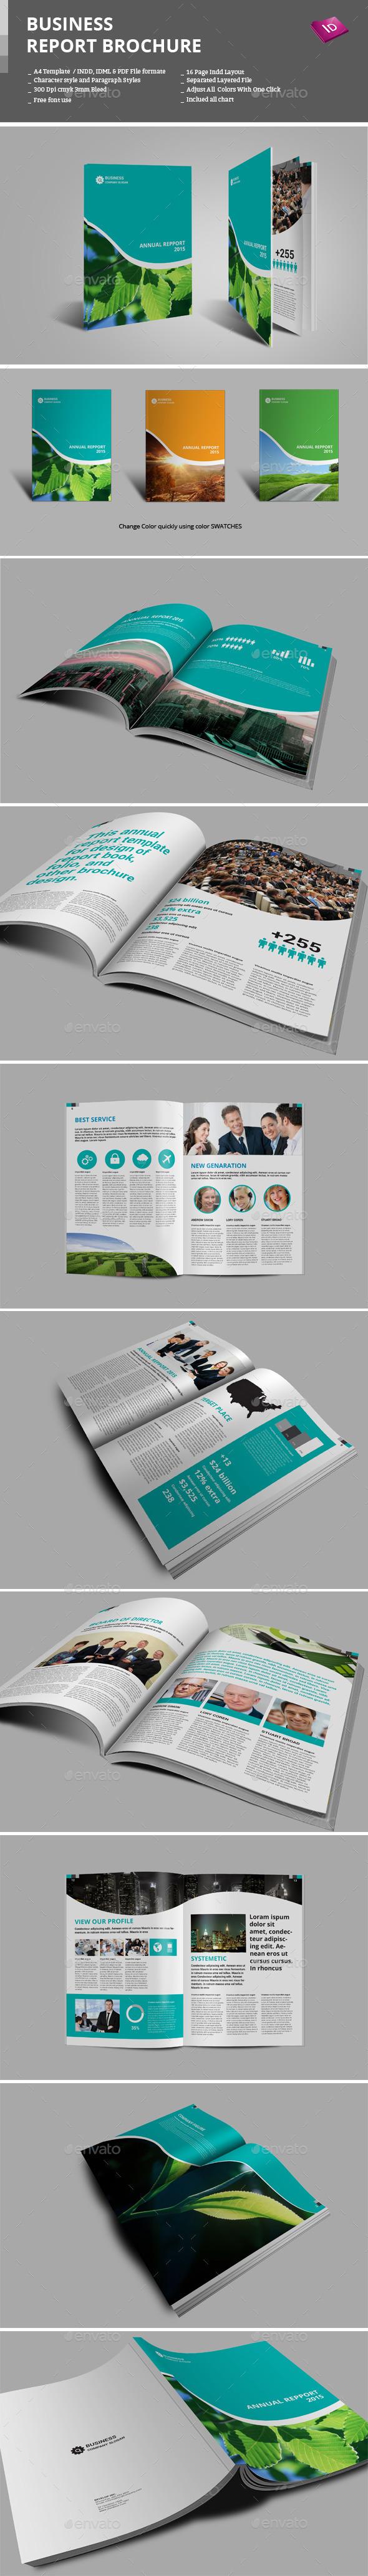 Business Report Brochure - Informational Brochures